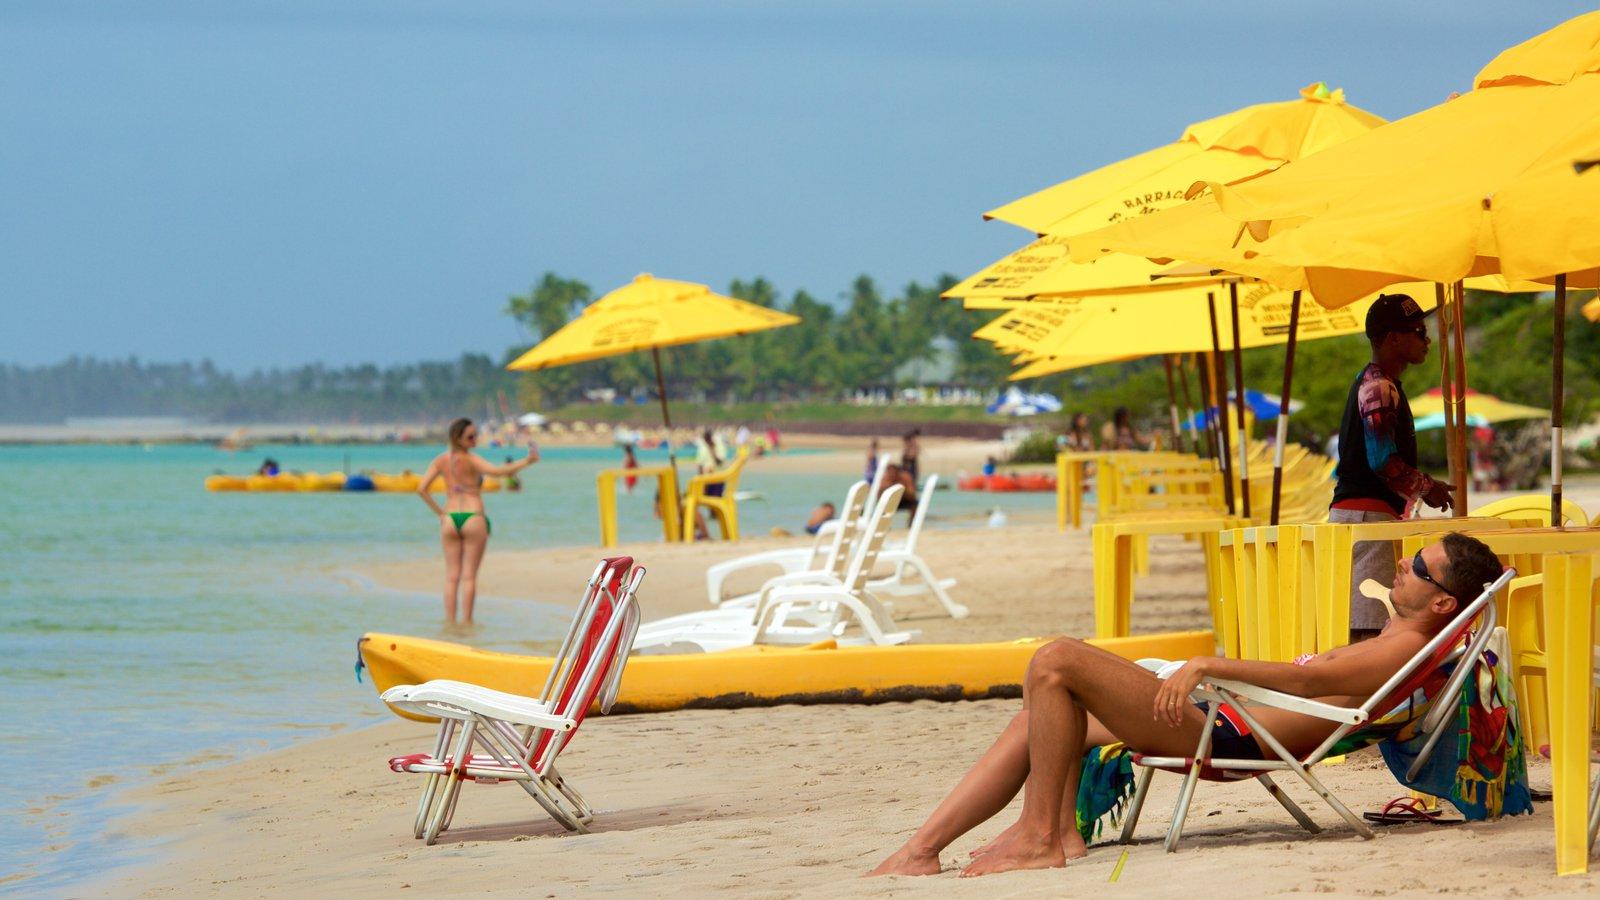 Ipojuca caracterizando paisagens litorâneas e uma praia de areia assim como um homem sozinho